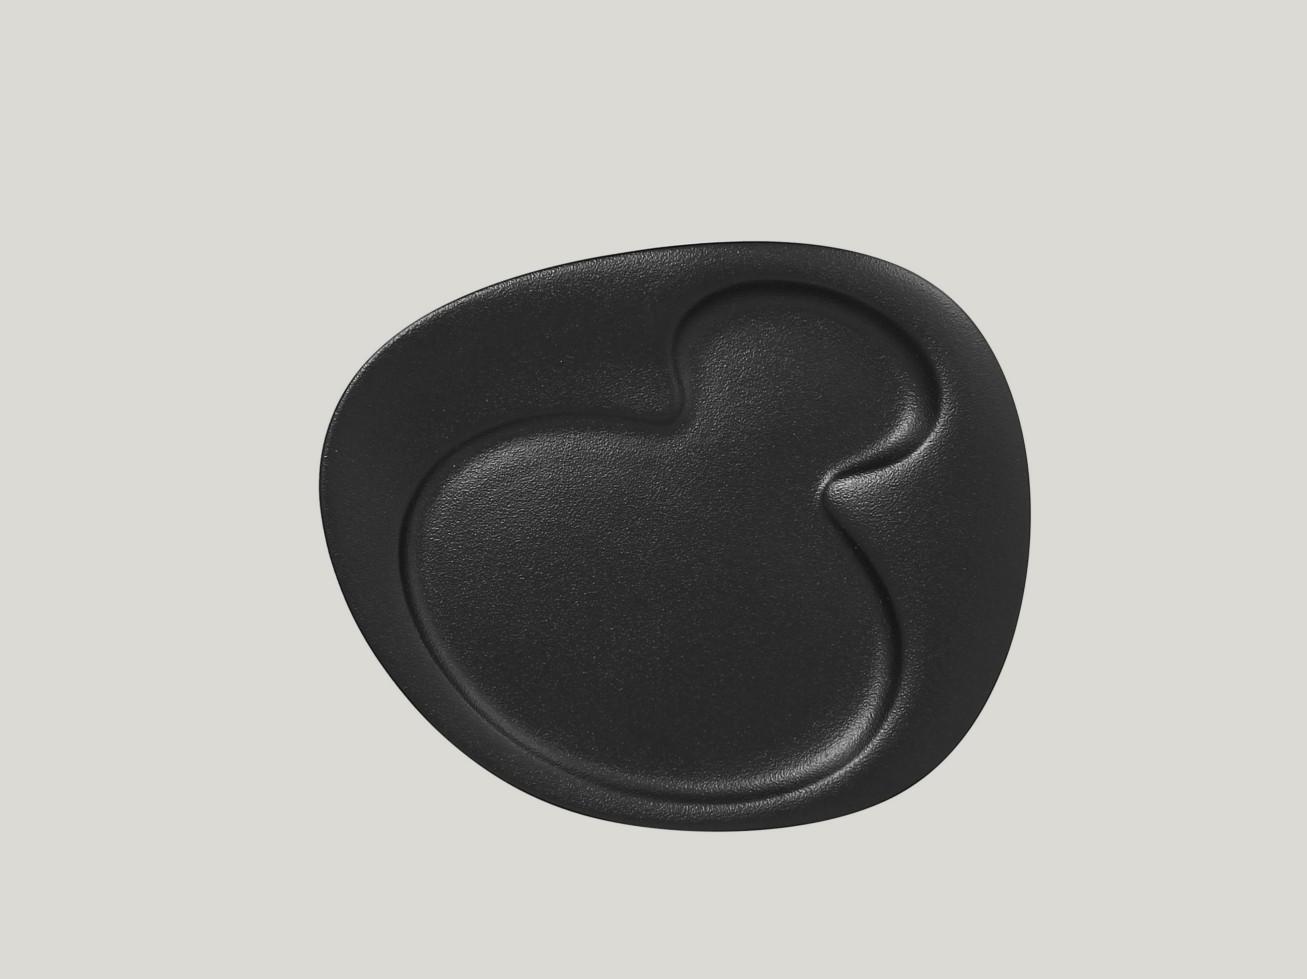 Breakfast talíř - 2 basins - černá Neofusion